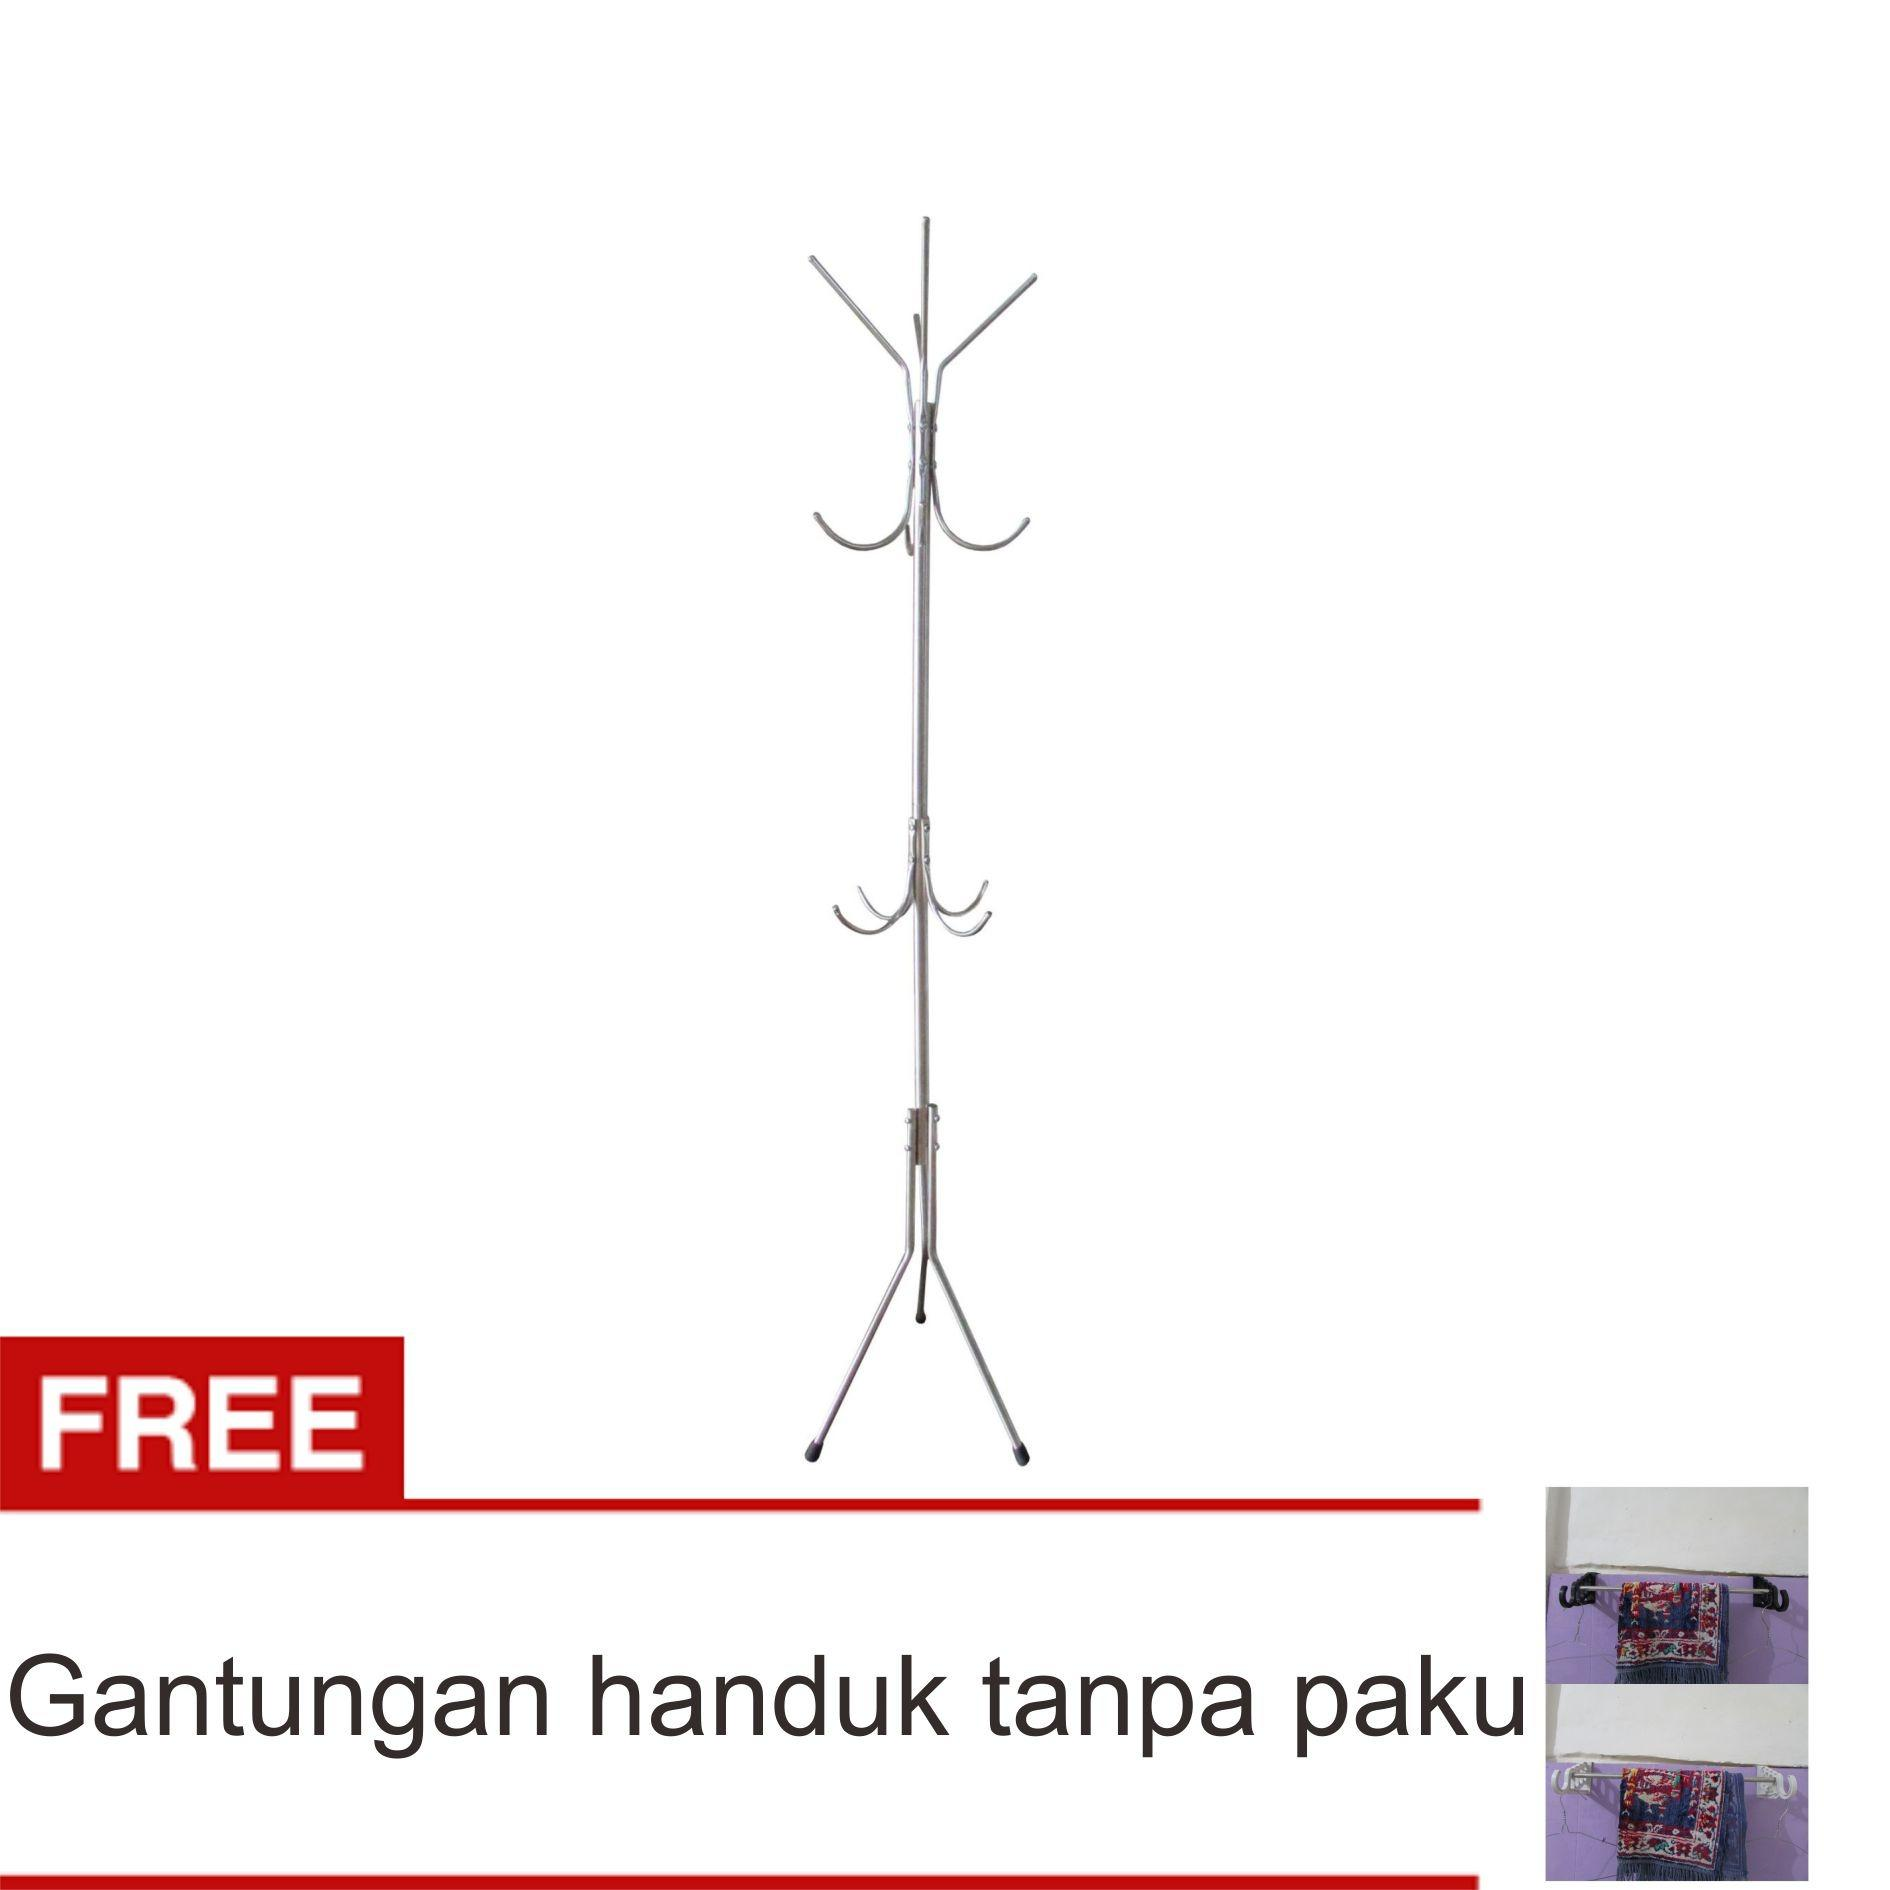 Lanjarjaya Stainless Steel Standing Hanger Multifungsi / Gantungan Tas Baju Serbaguna + Gantungan Handuk Tanpa Paku